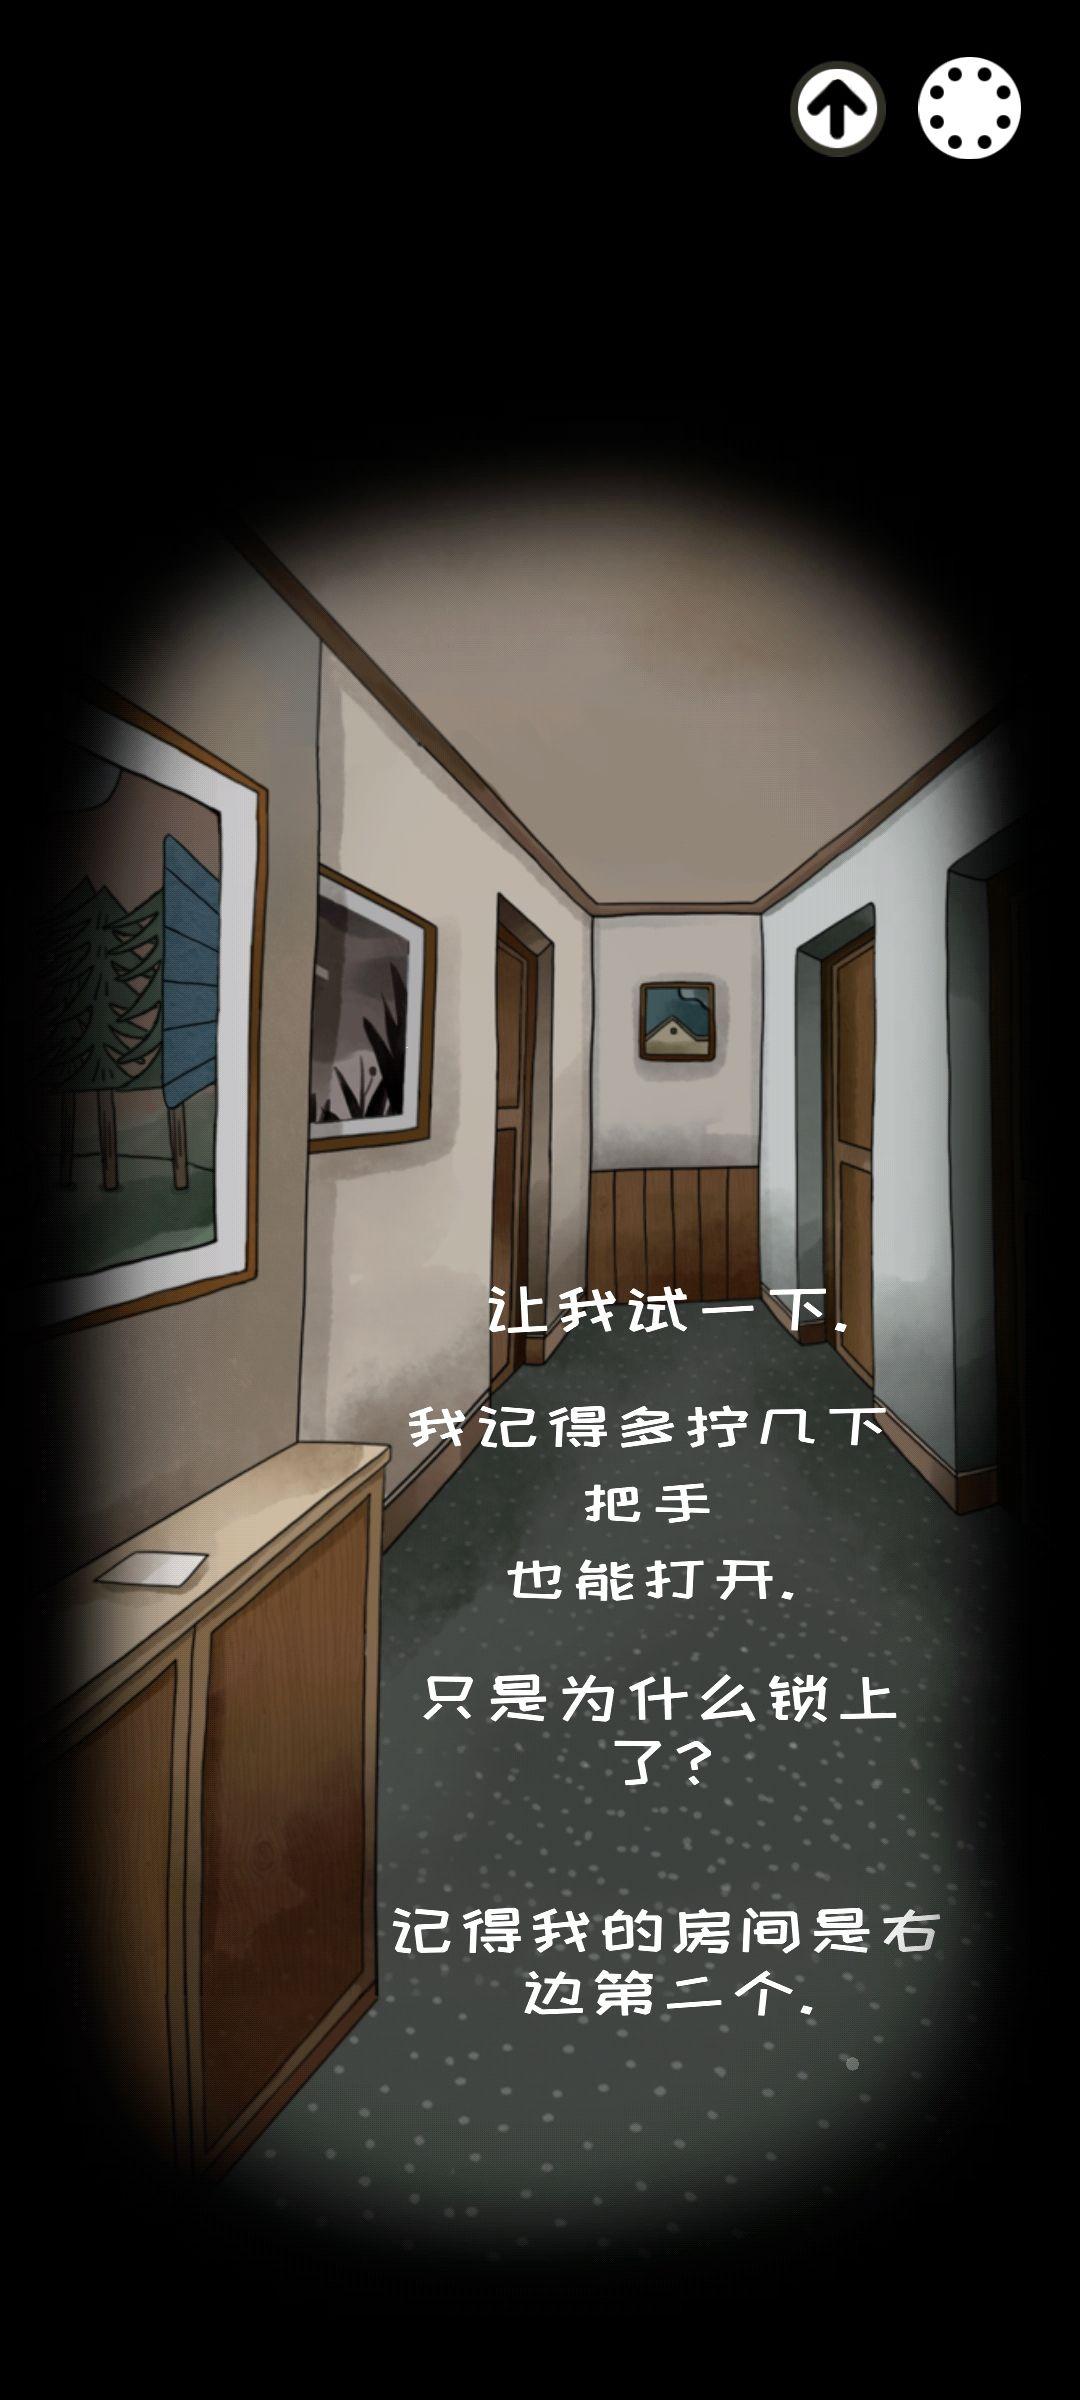 白鸟游乐园1-11章剧情图文通关攻略大全 1-11章通关解密步骤分享